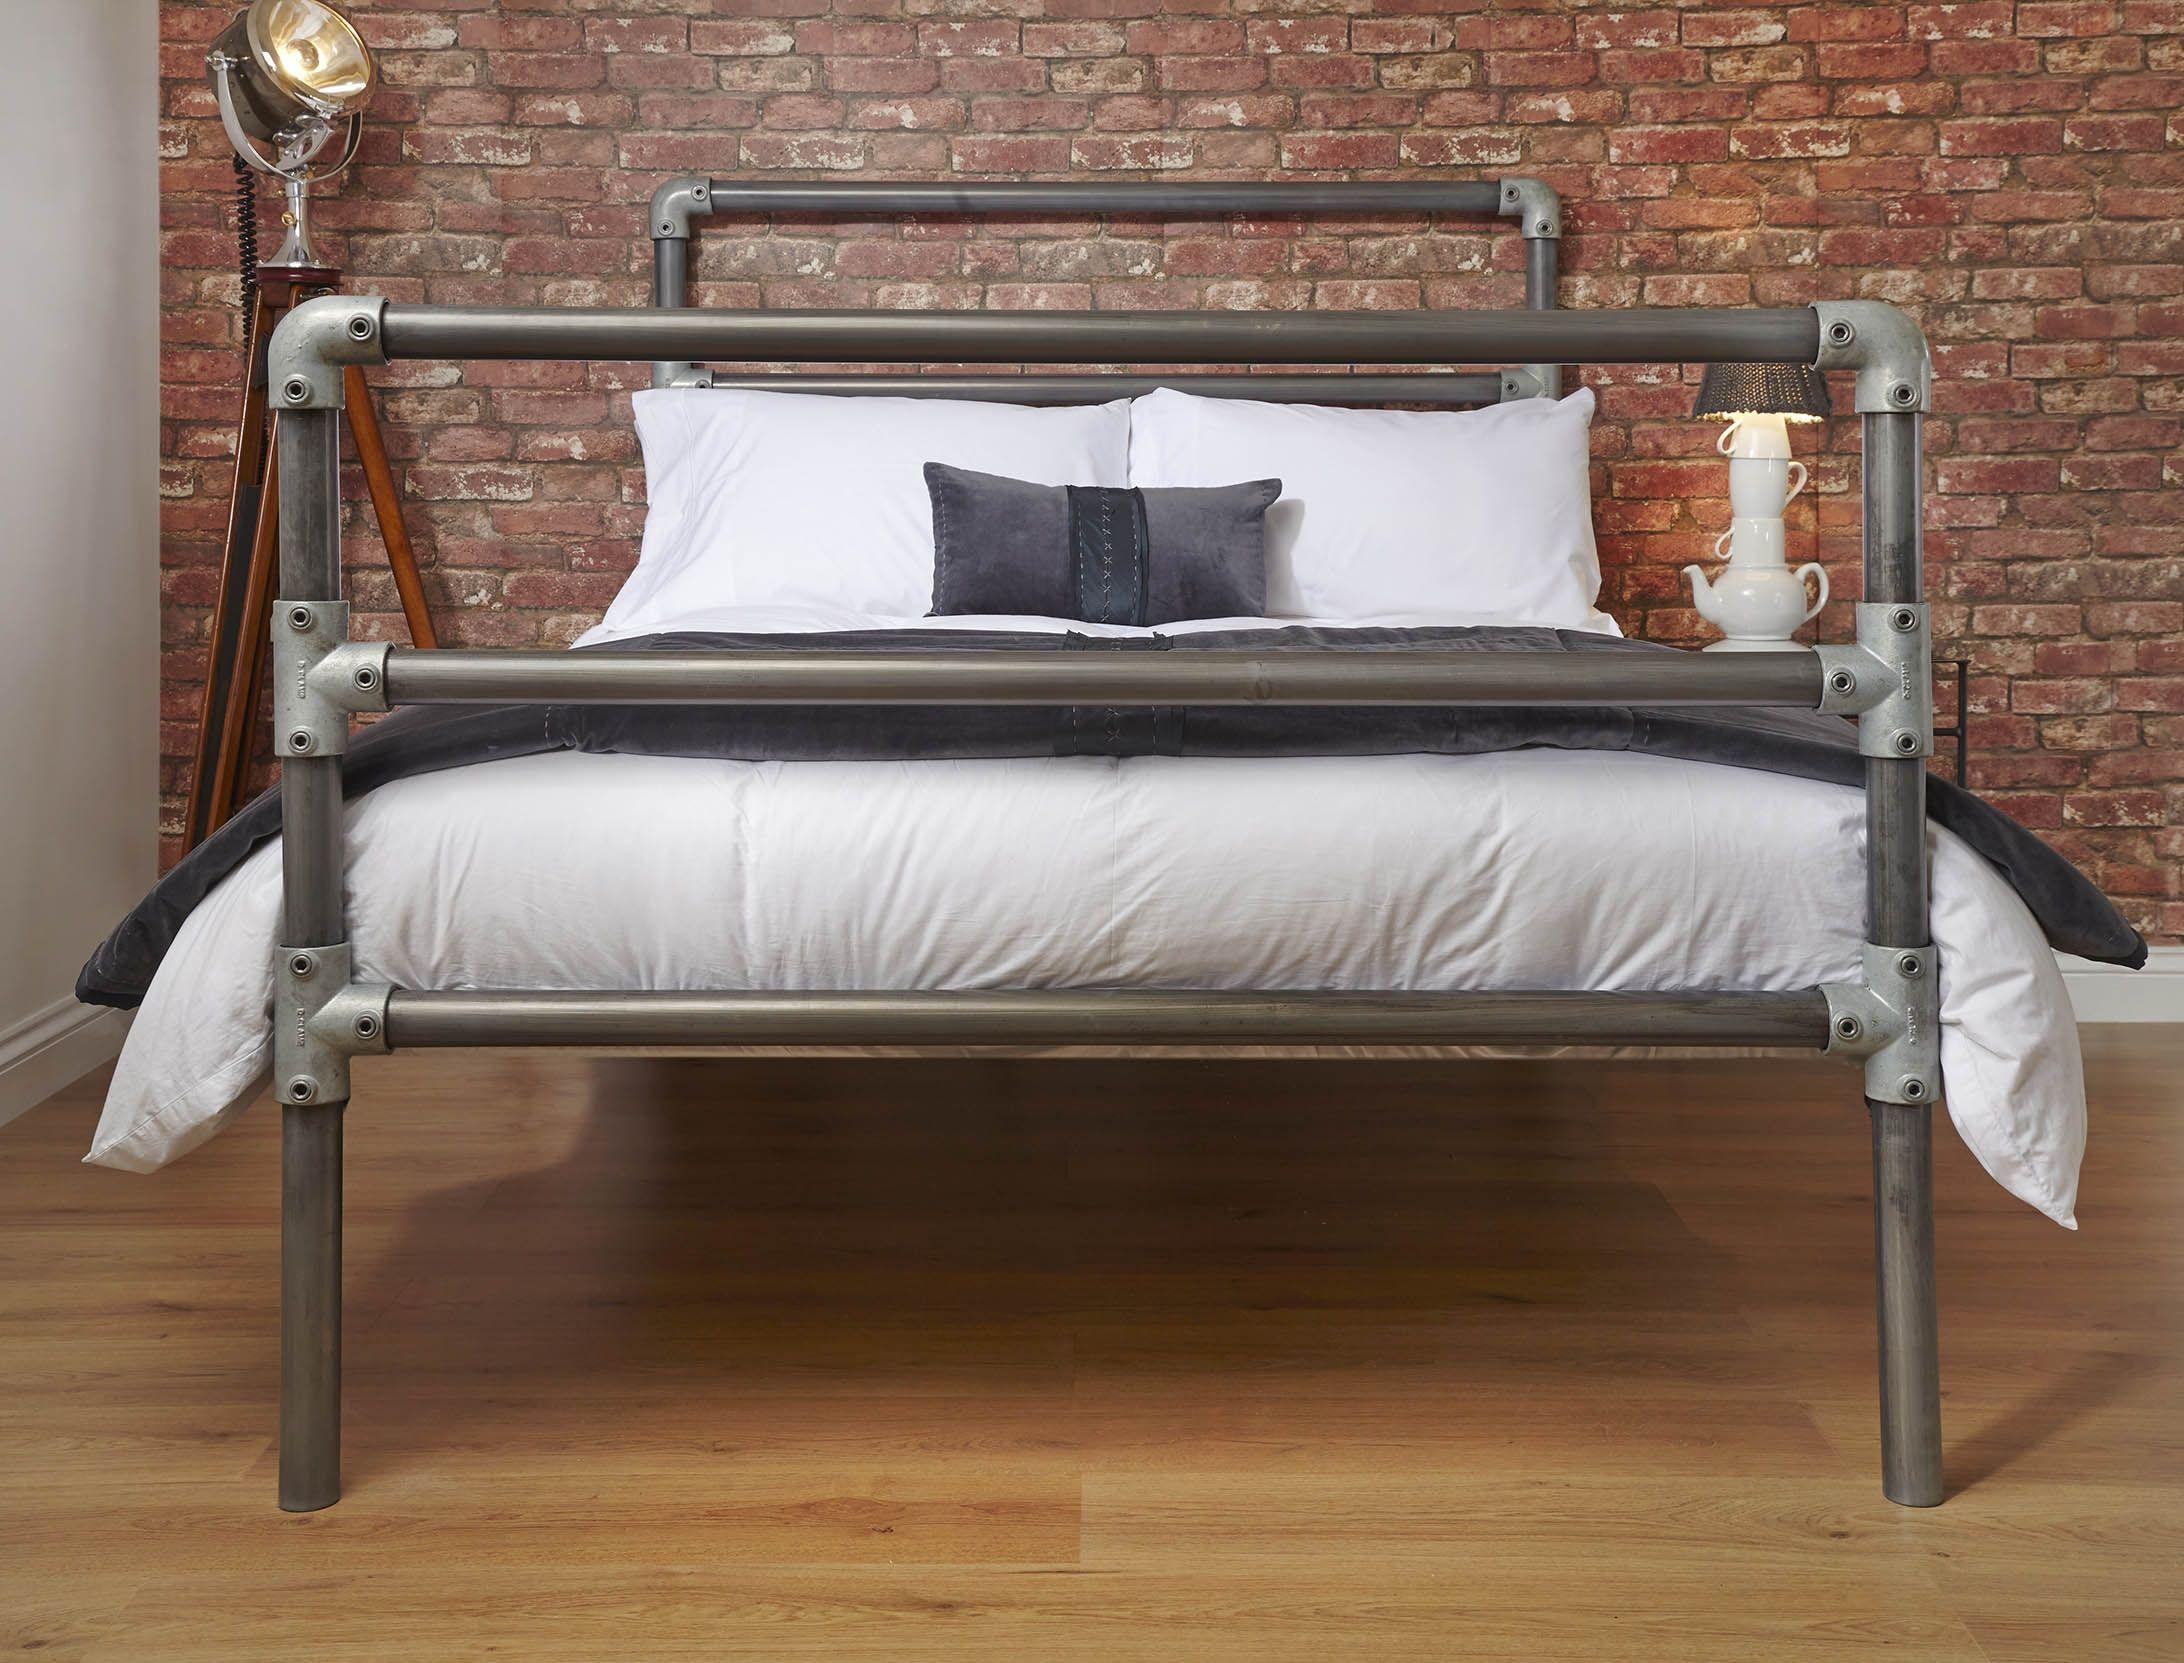 diy pipe bed frame porcelain tile wall decor - Diy Pipe Bed Frame